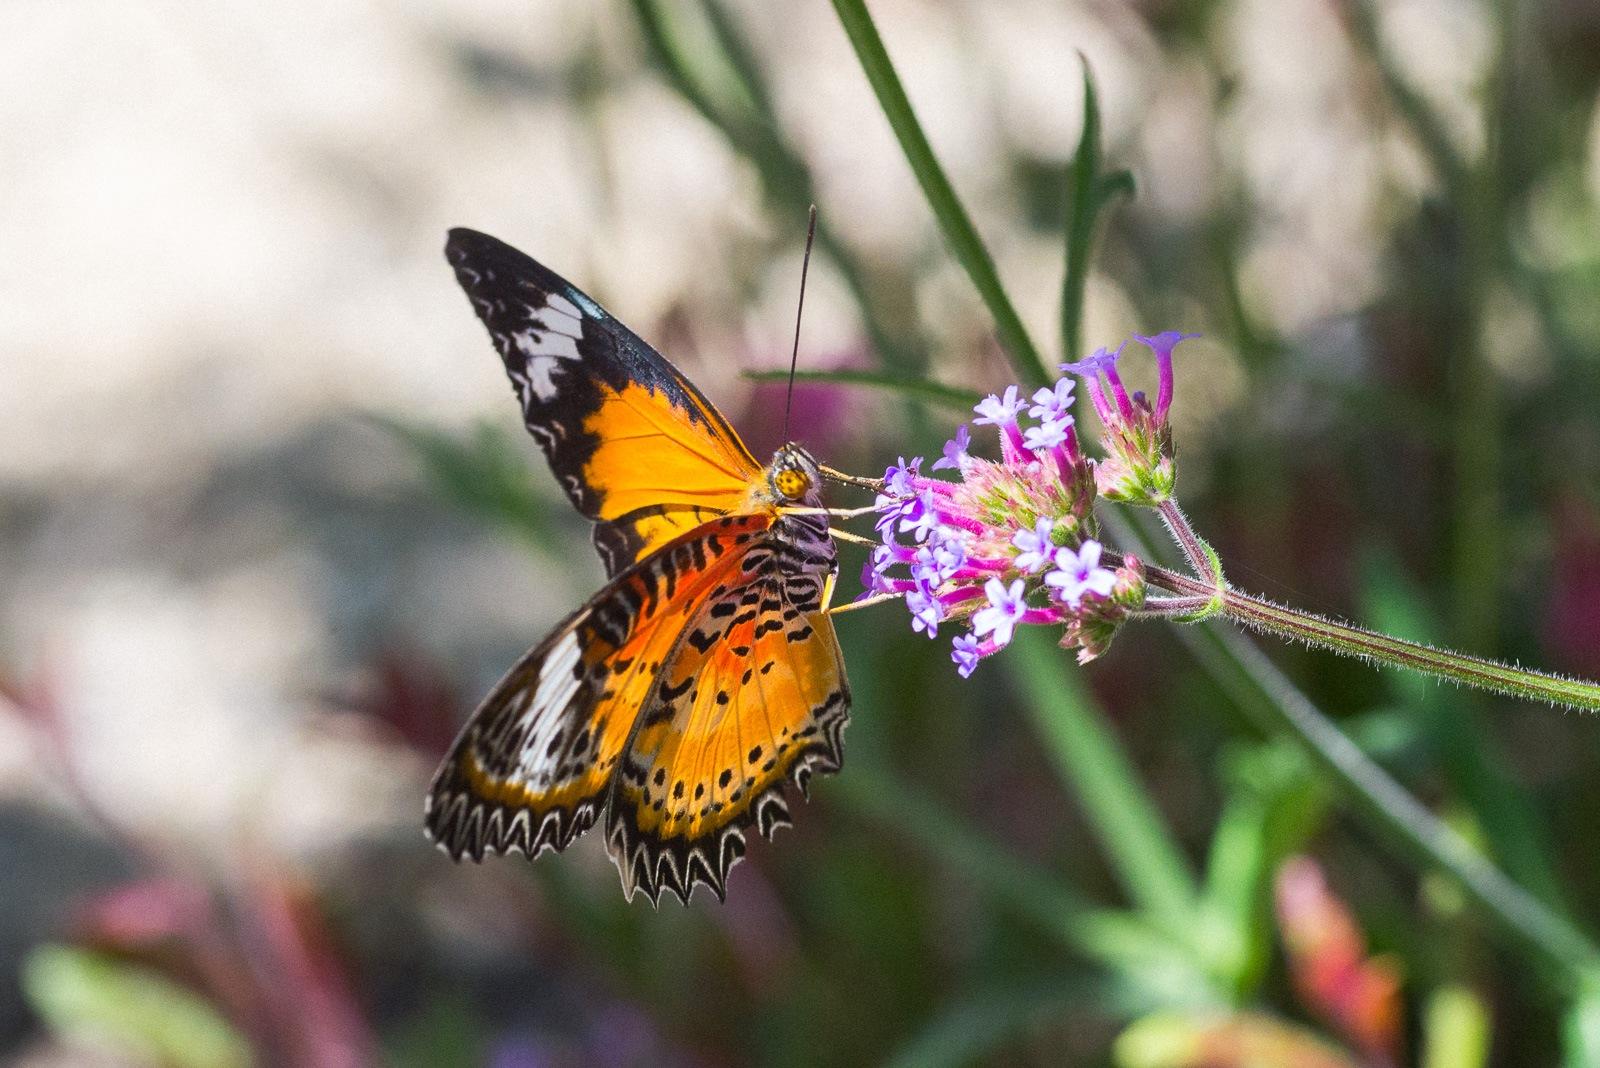 06-17-16 Chicago Botanic Garden-261.jpg